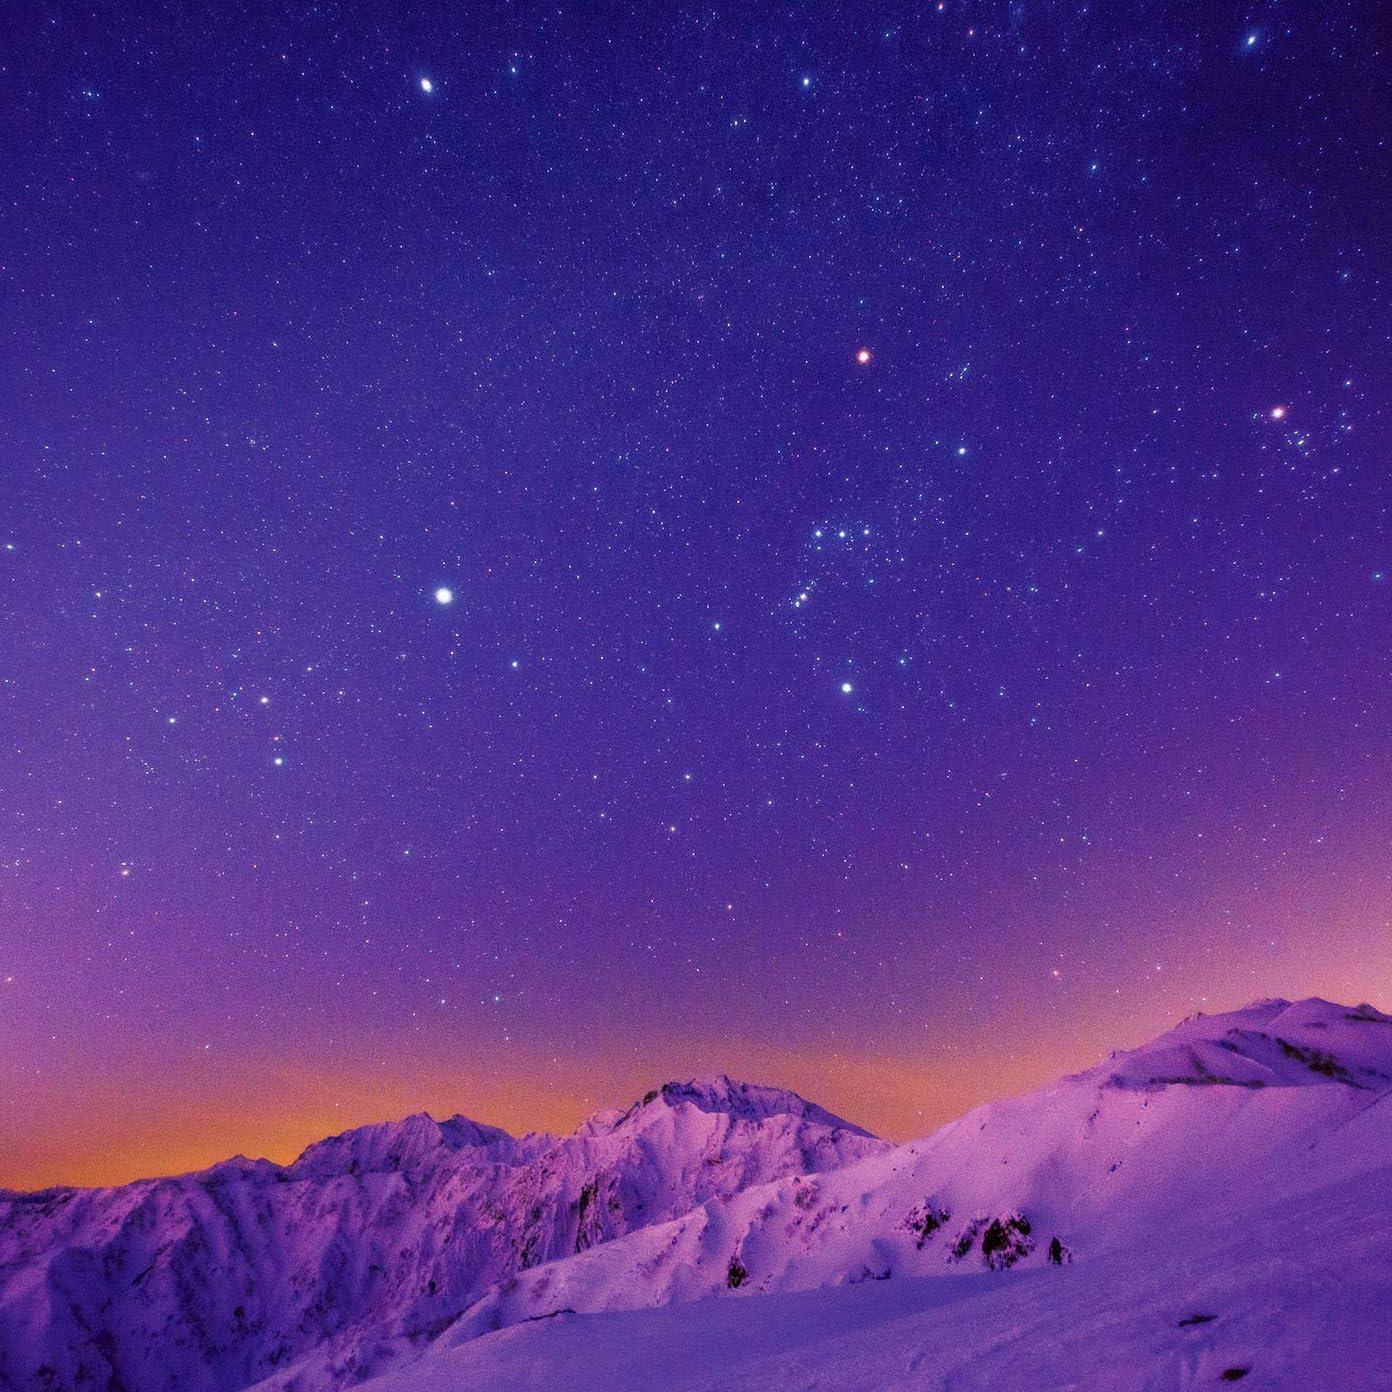 星空 Ipad壁紙 白馬方尾根から望む残照の星空 その他 スマホ用画像132513